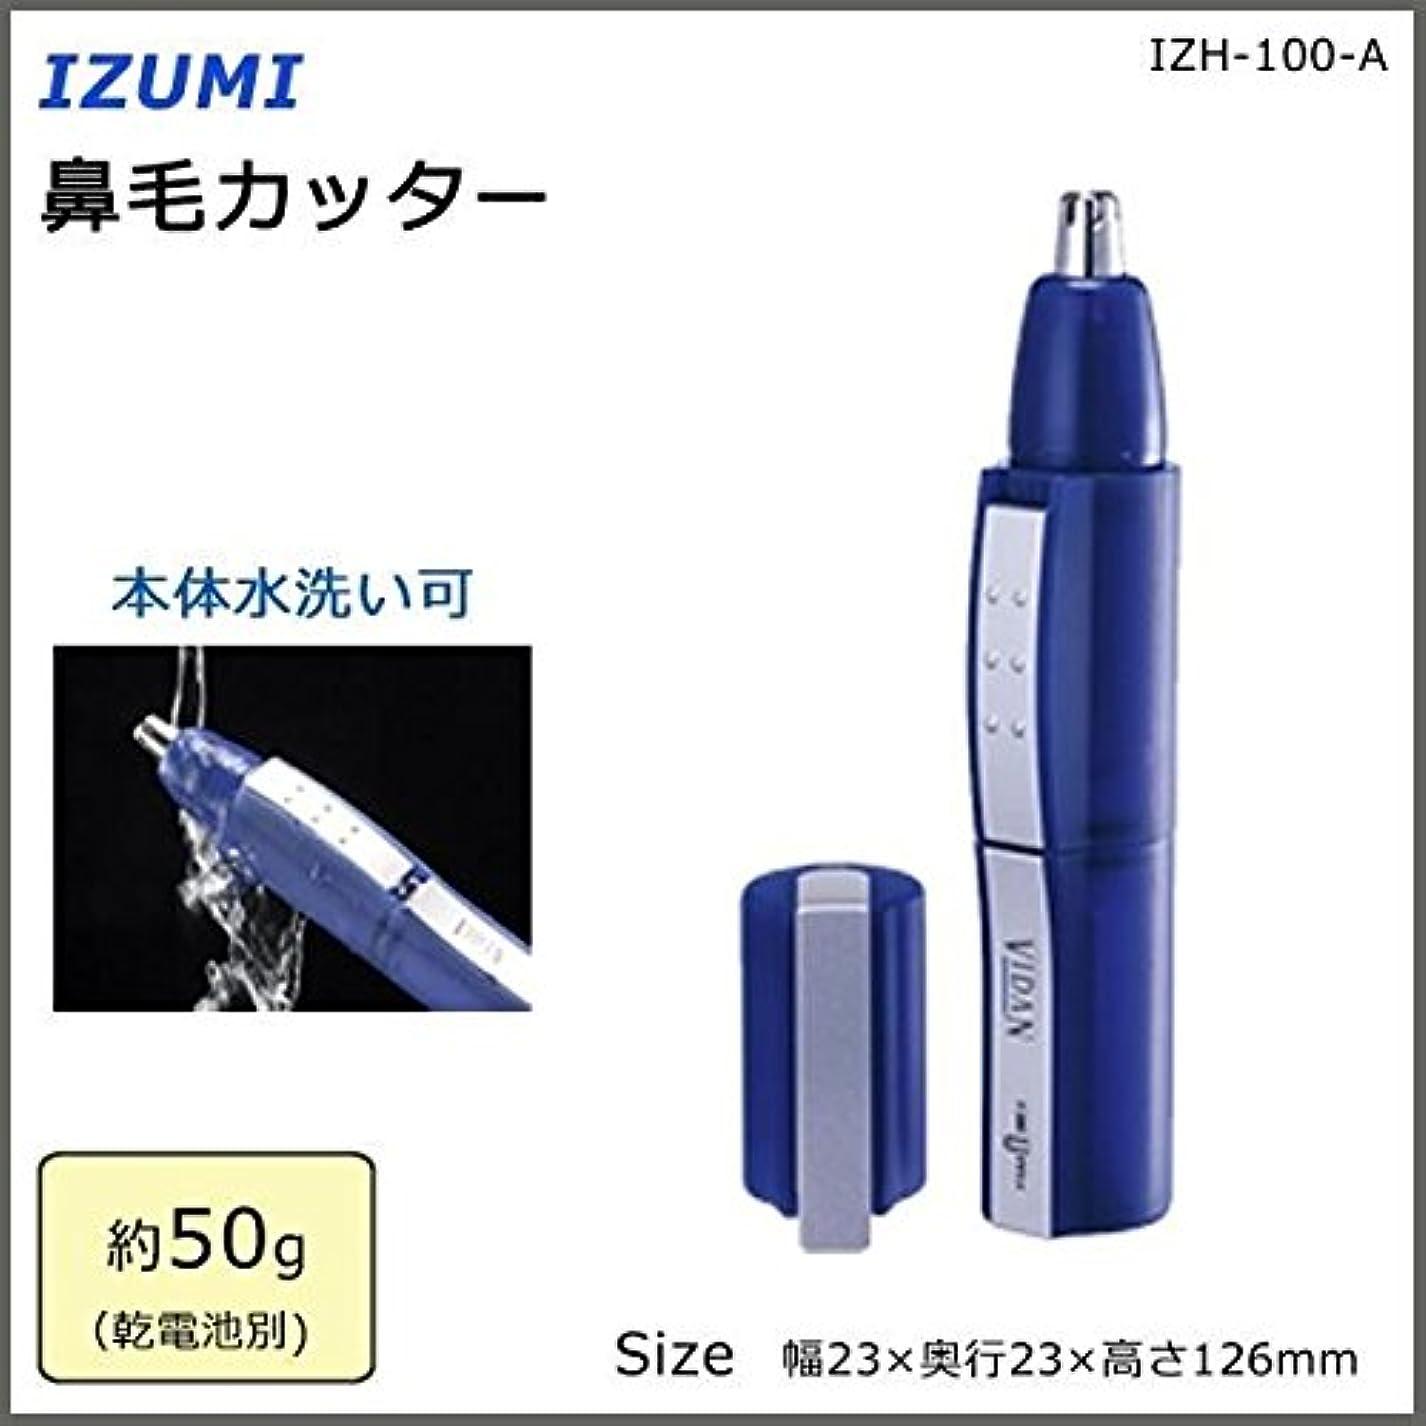 炭水化物ラグ感染するIZUMI 鼻毛カッター IZH-100-A